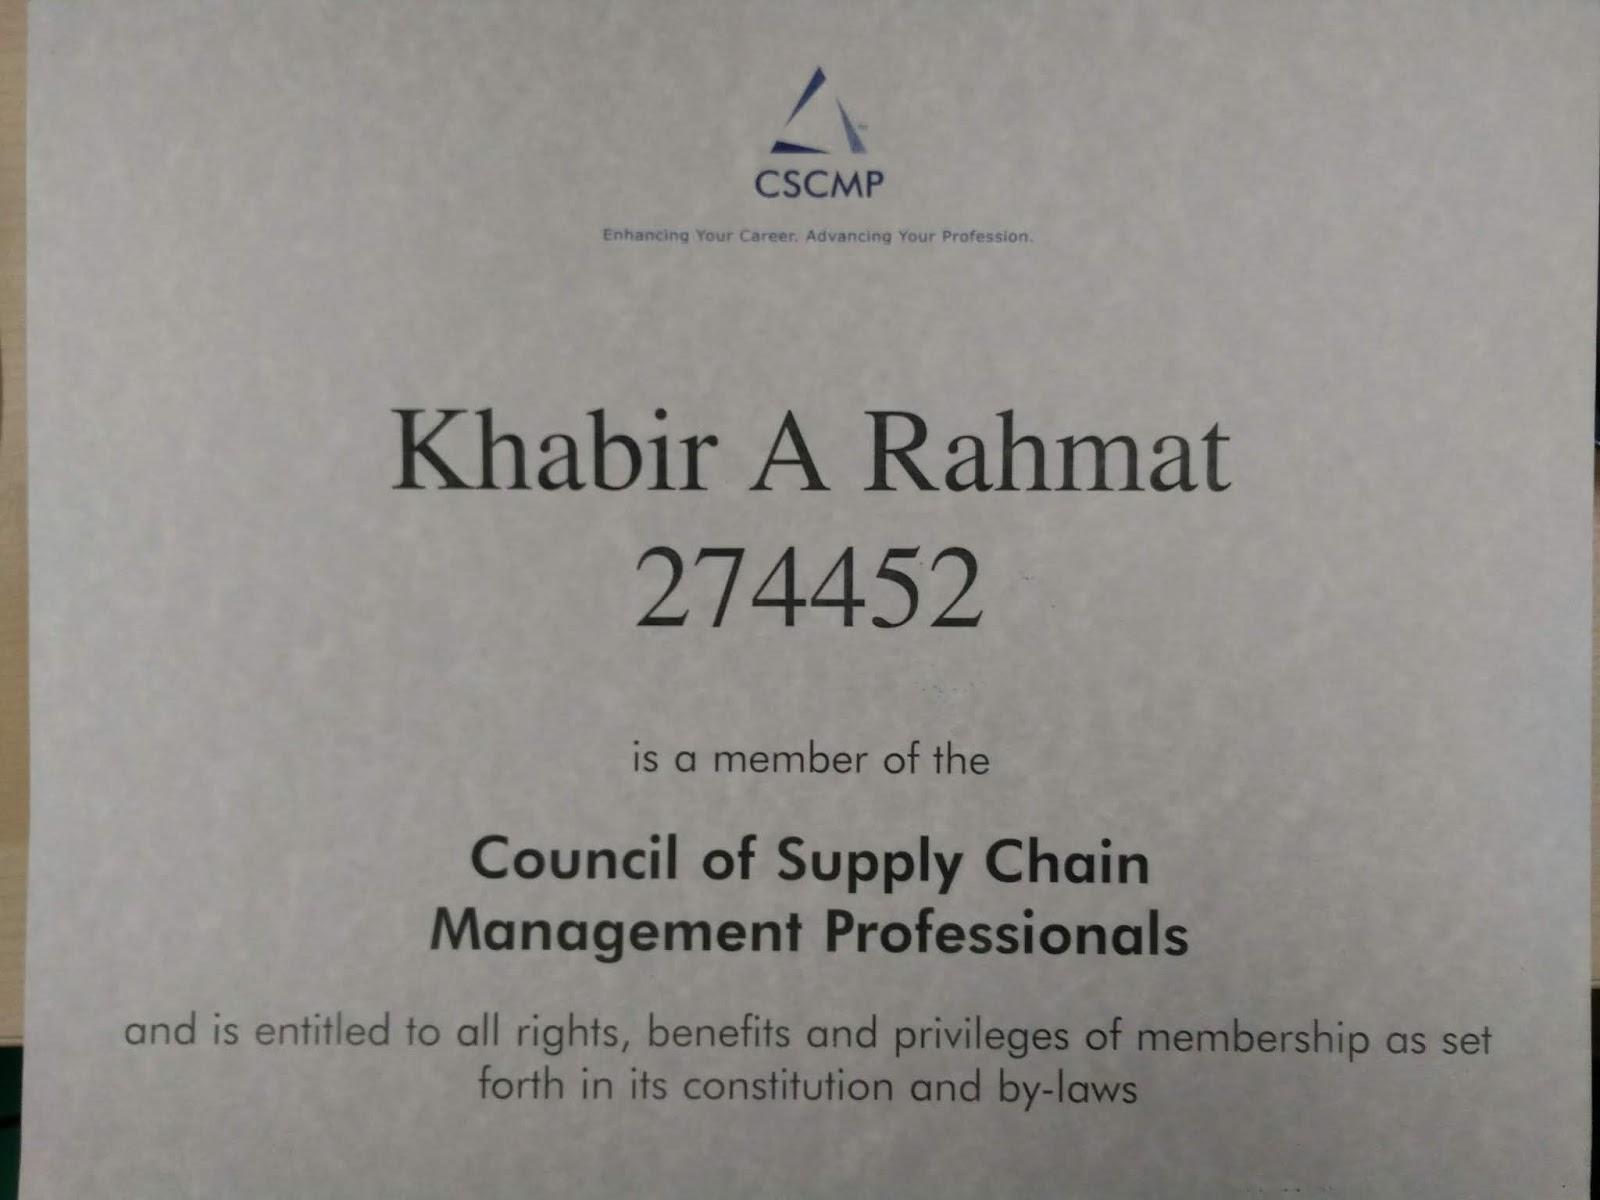 Abdul Khabir Rahmat Professional Membership Council Of Supply